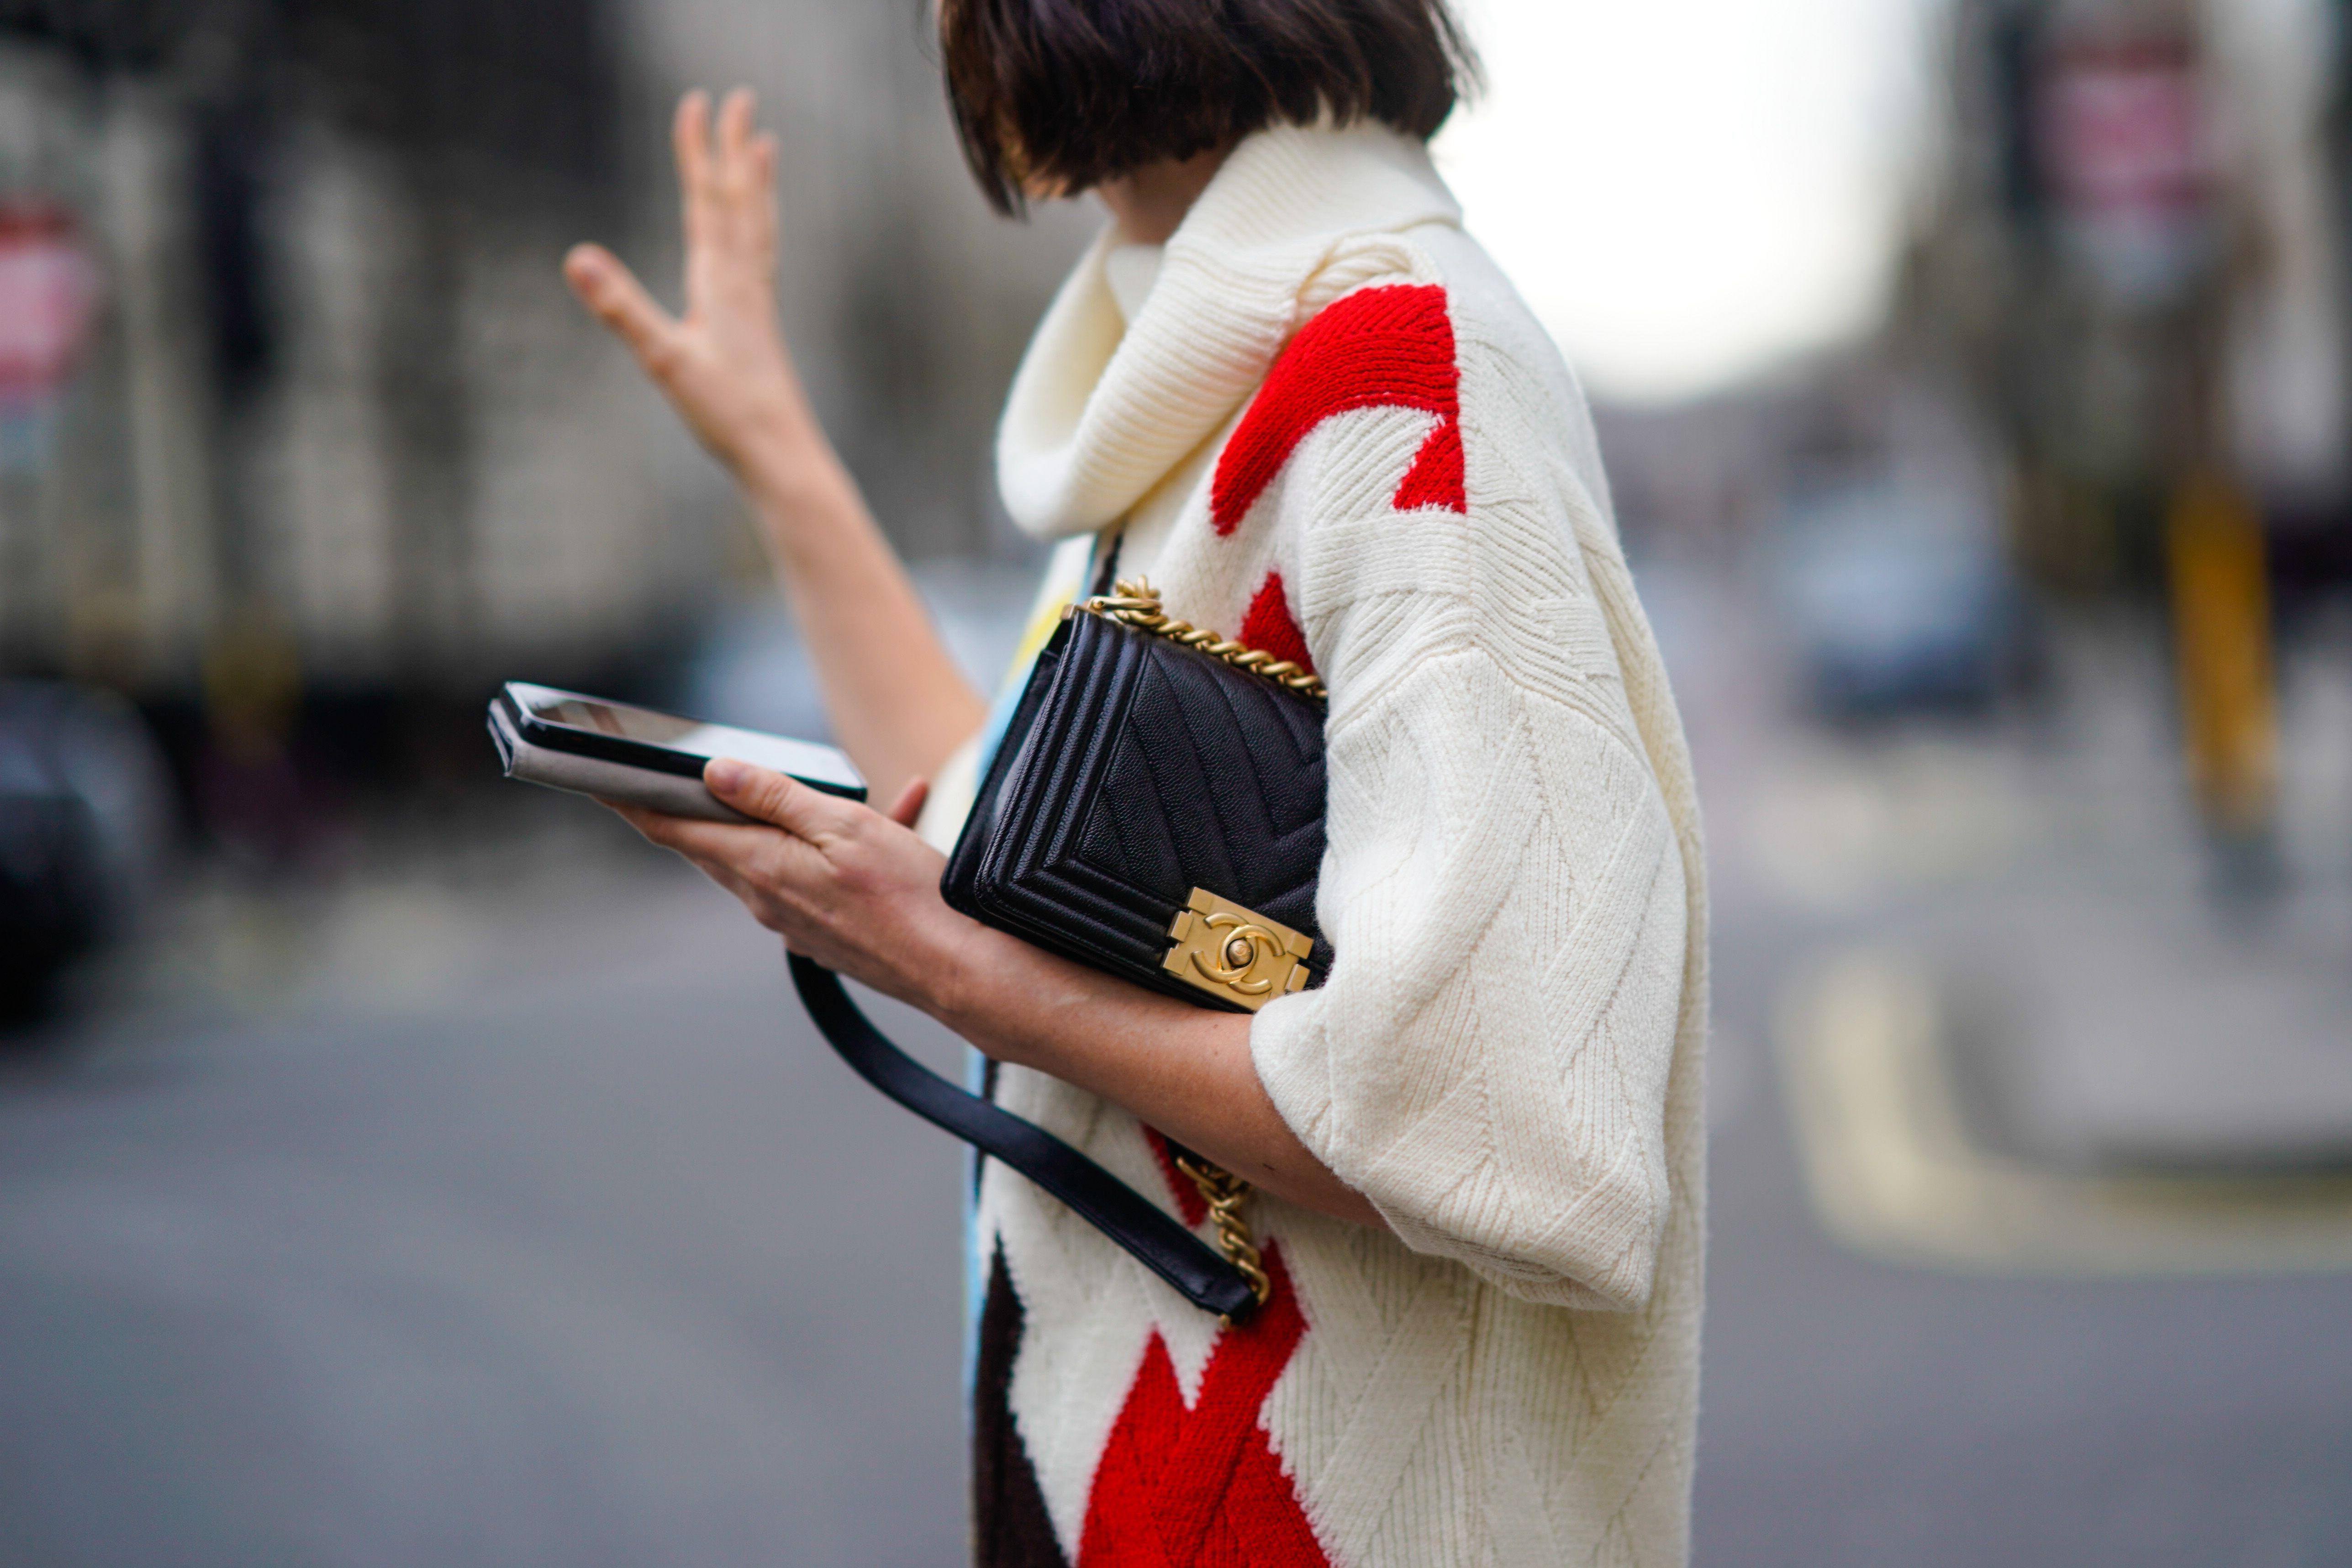 e3d1db3140e4 De beste websites om tweedehands (designer)kleding te kopen